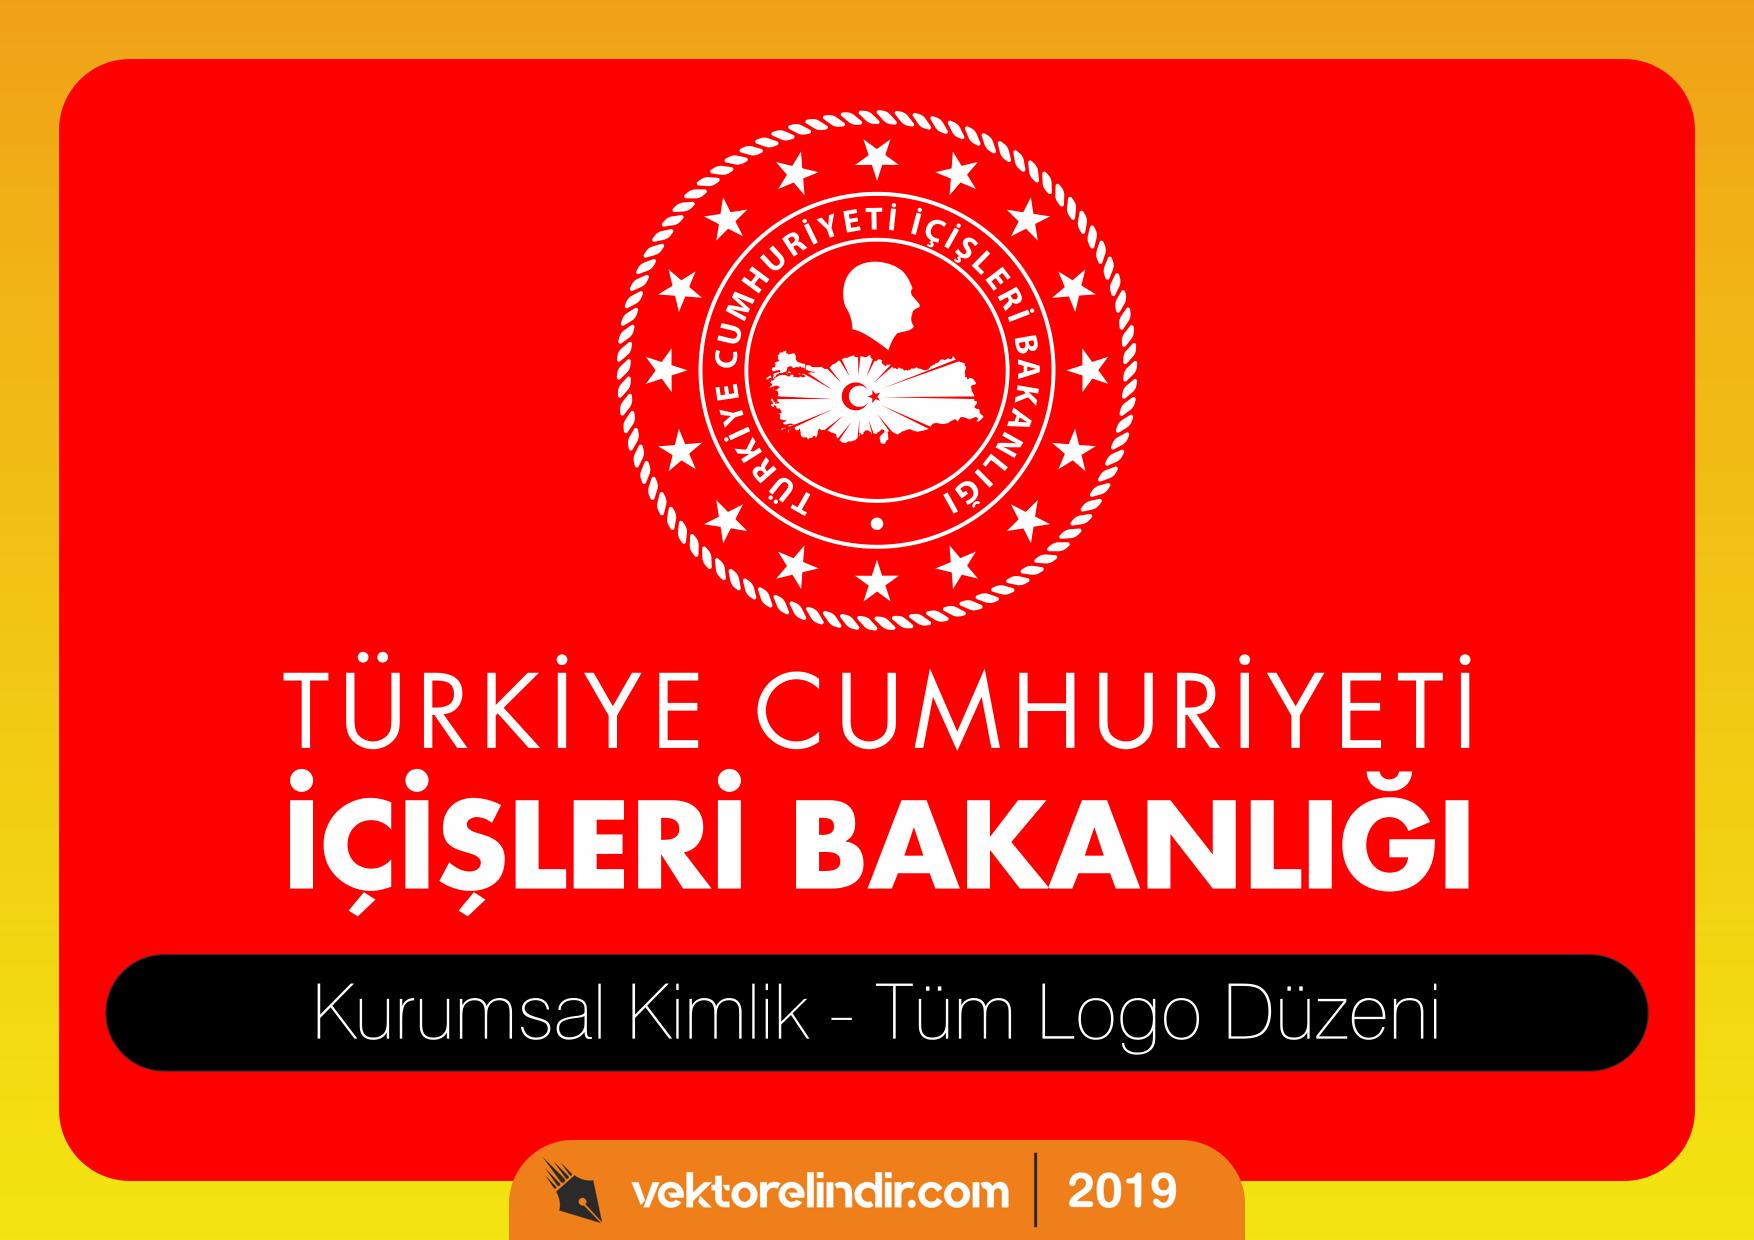 Tc İçişleri Bakanlığı Yeni Logo